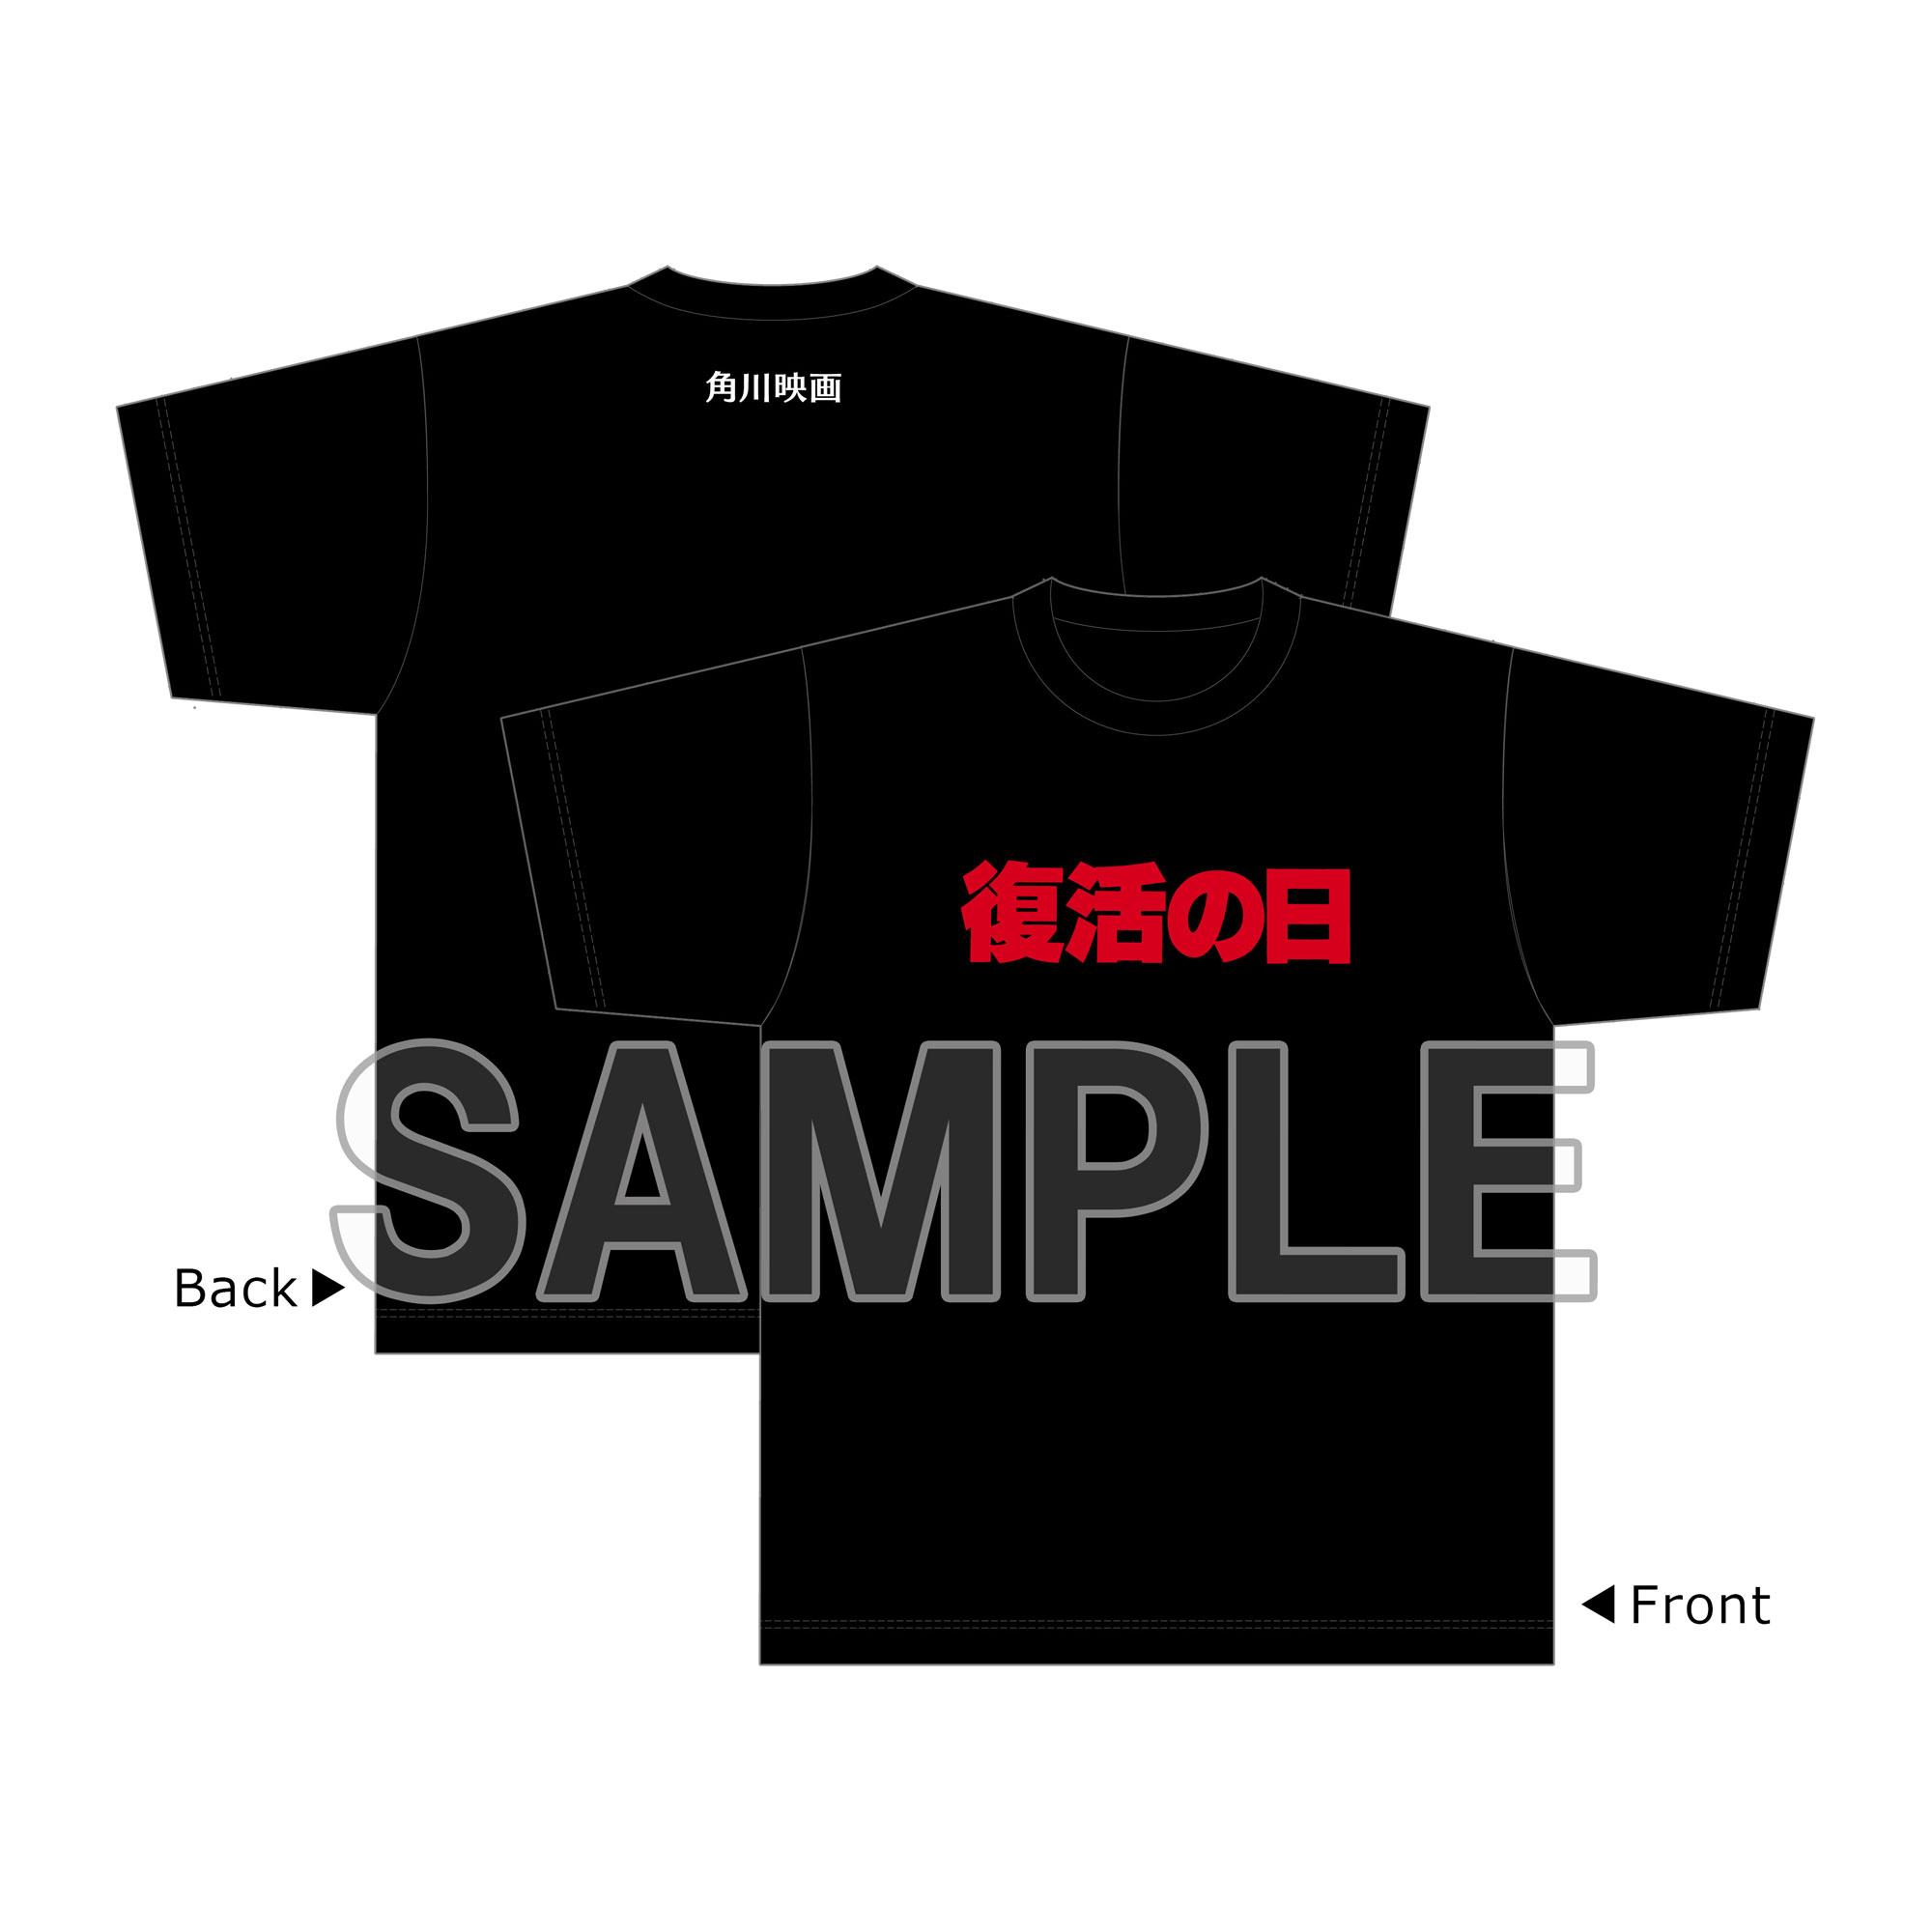 角川映画 復活の日 Tシャツ 2,200円